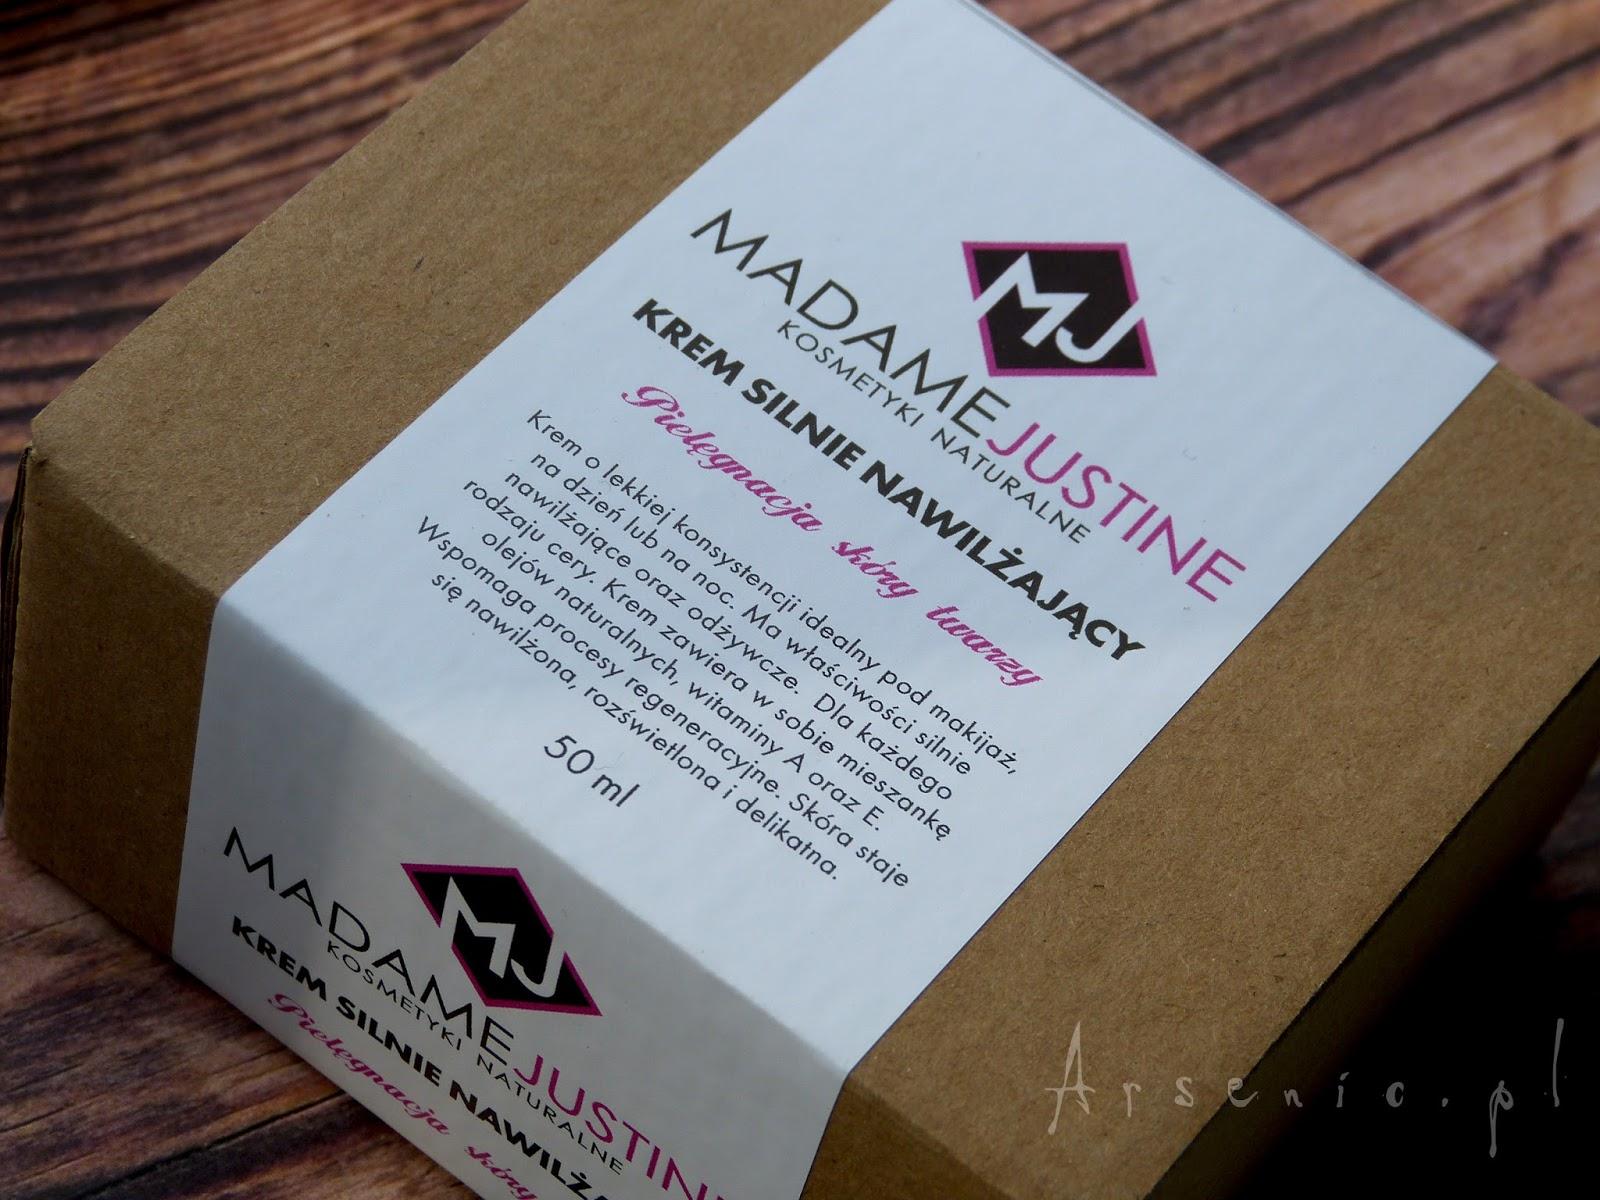 Madame Justine - nowa, obiecująca marka na rynku kosmetyków naturalnych